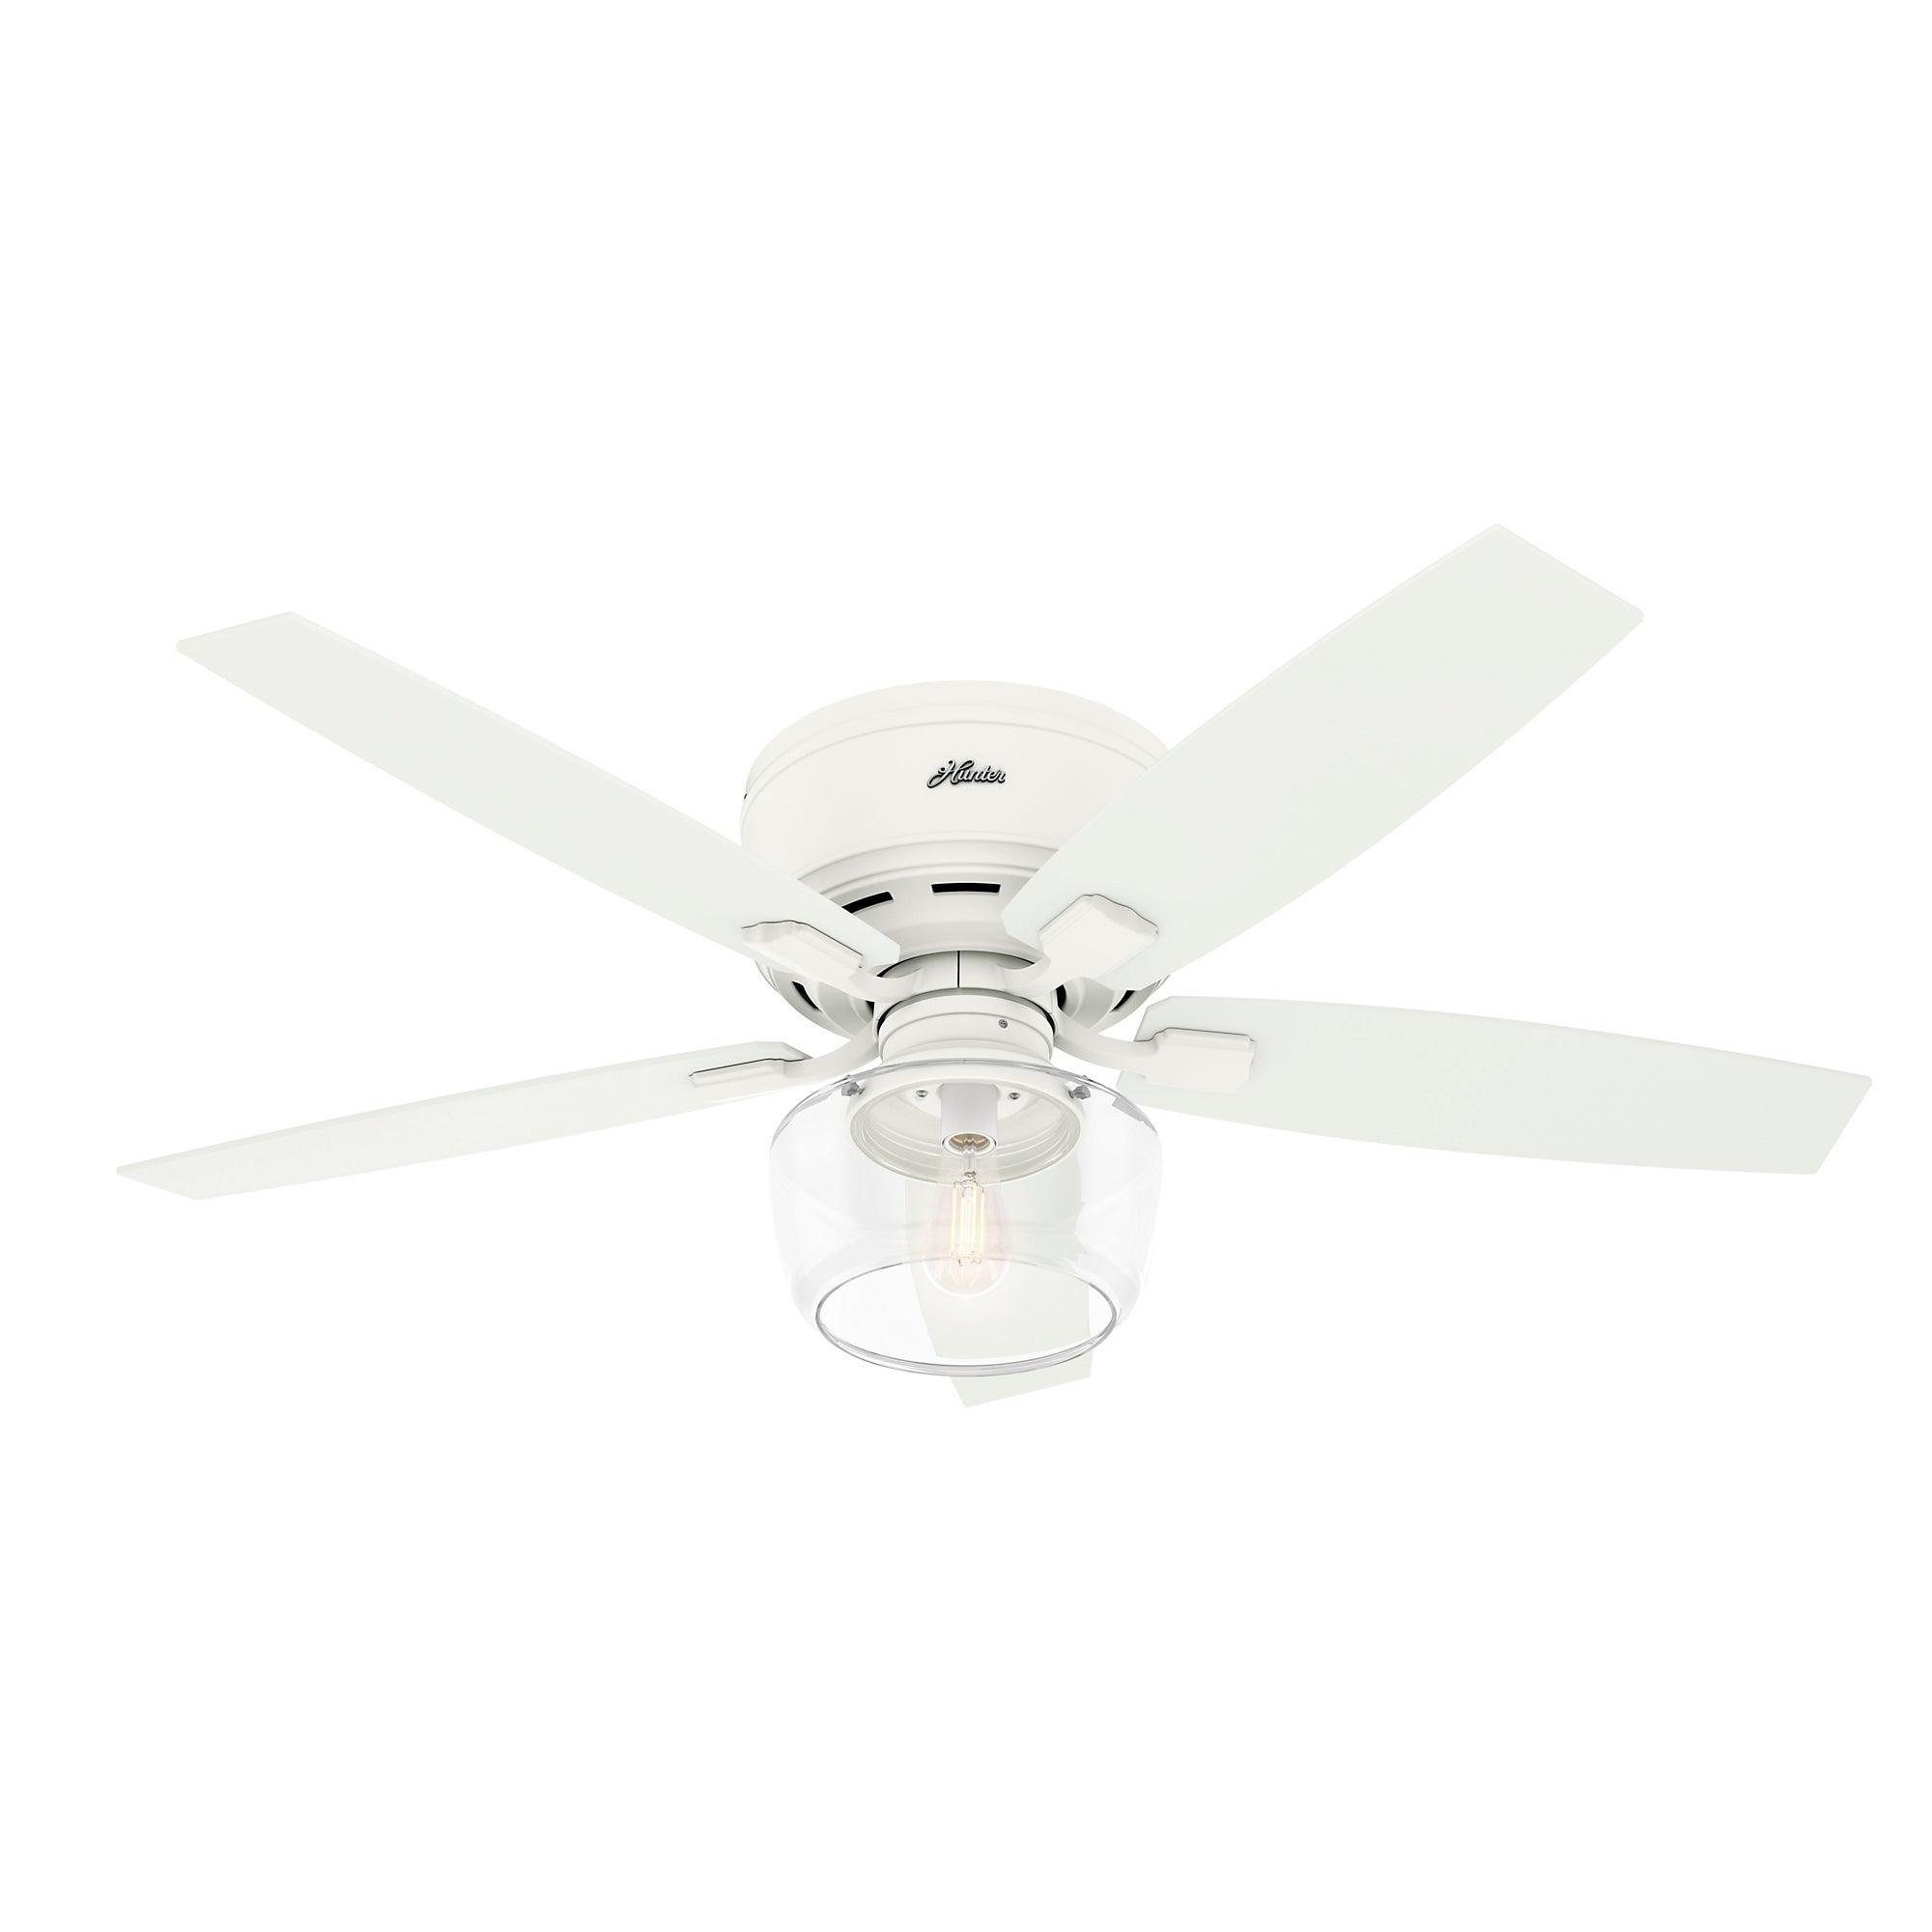 Bennett Low Profile White Ceiling Fan